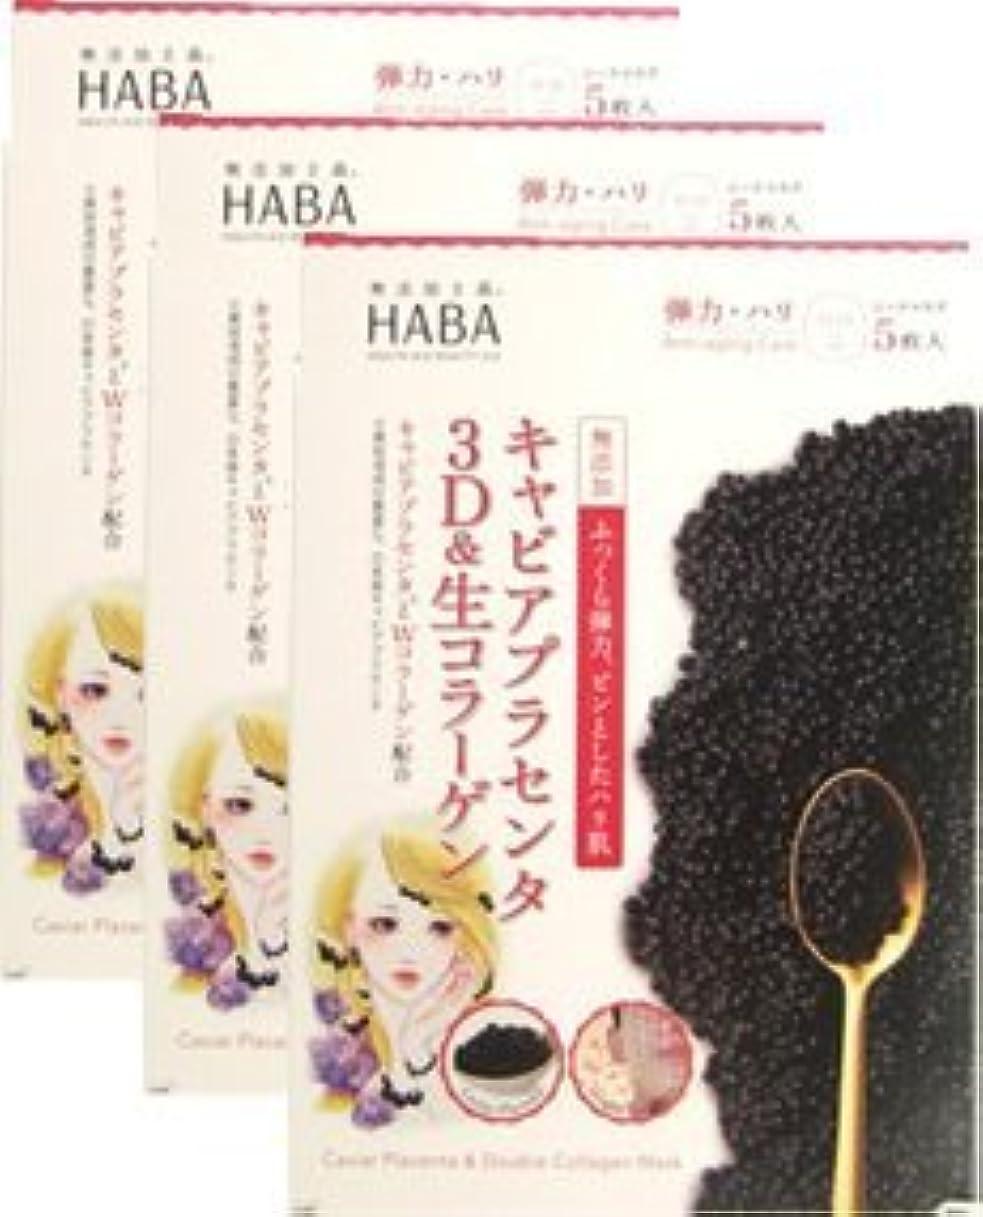 スノーケル豊かなどれHABA キャビアプラセンタ コラーゲンマスク 5包入り(箱入) 3個セット